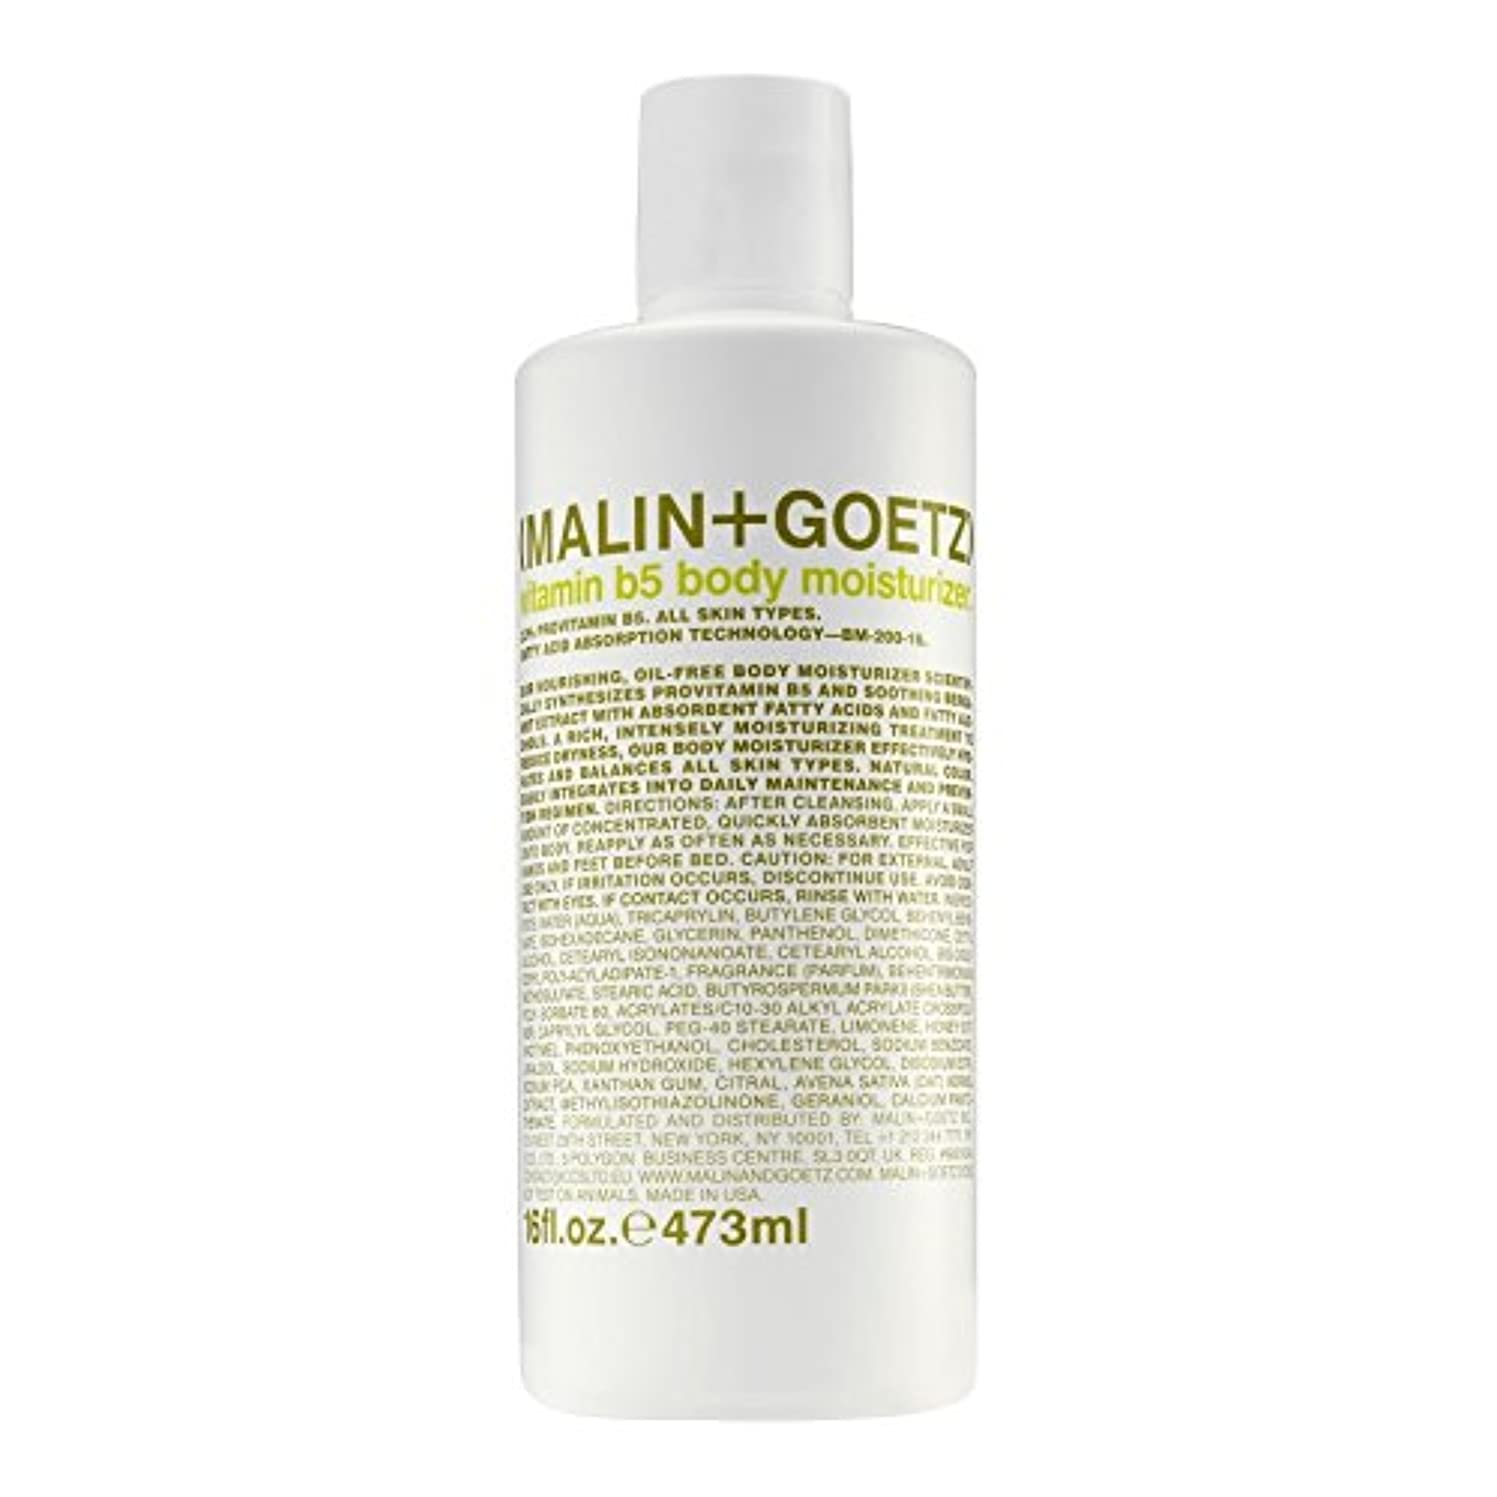 枝リブ遊具マリン+ゲッツビタミン5ボディモイスチャライザーの473ミリリットル x4 - MALIN+GOETZ Vitamin B5 Body Moisturiser 473ml (Pack of 4) [並行輸入品]